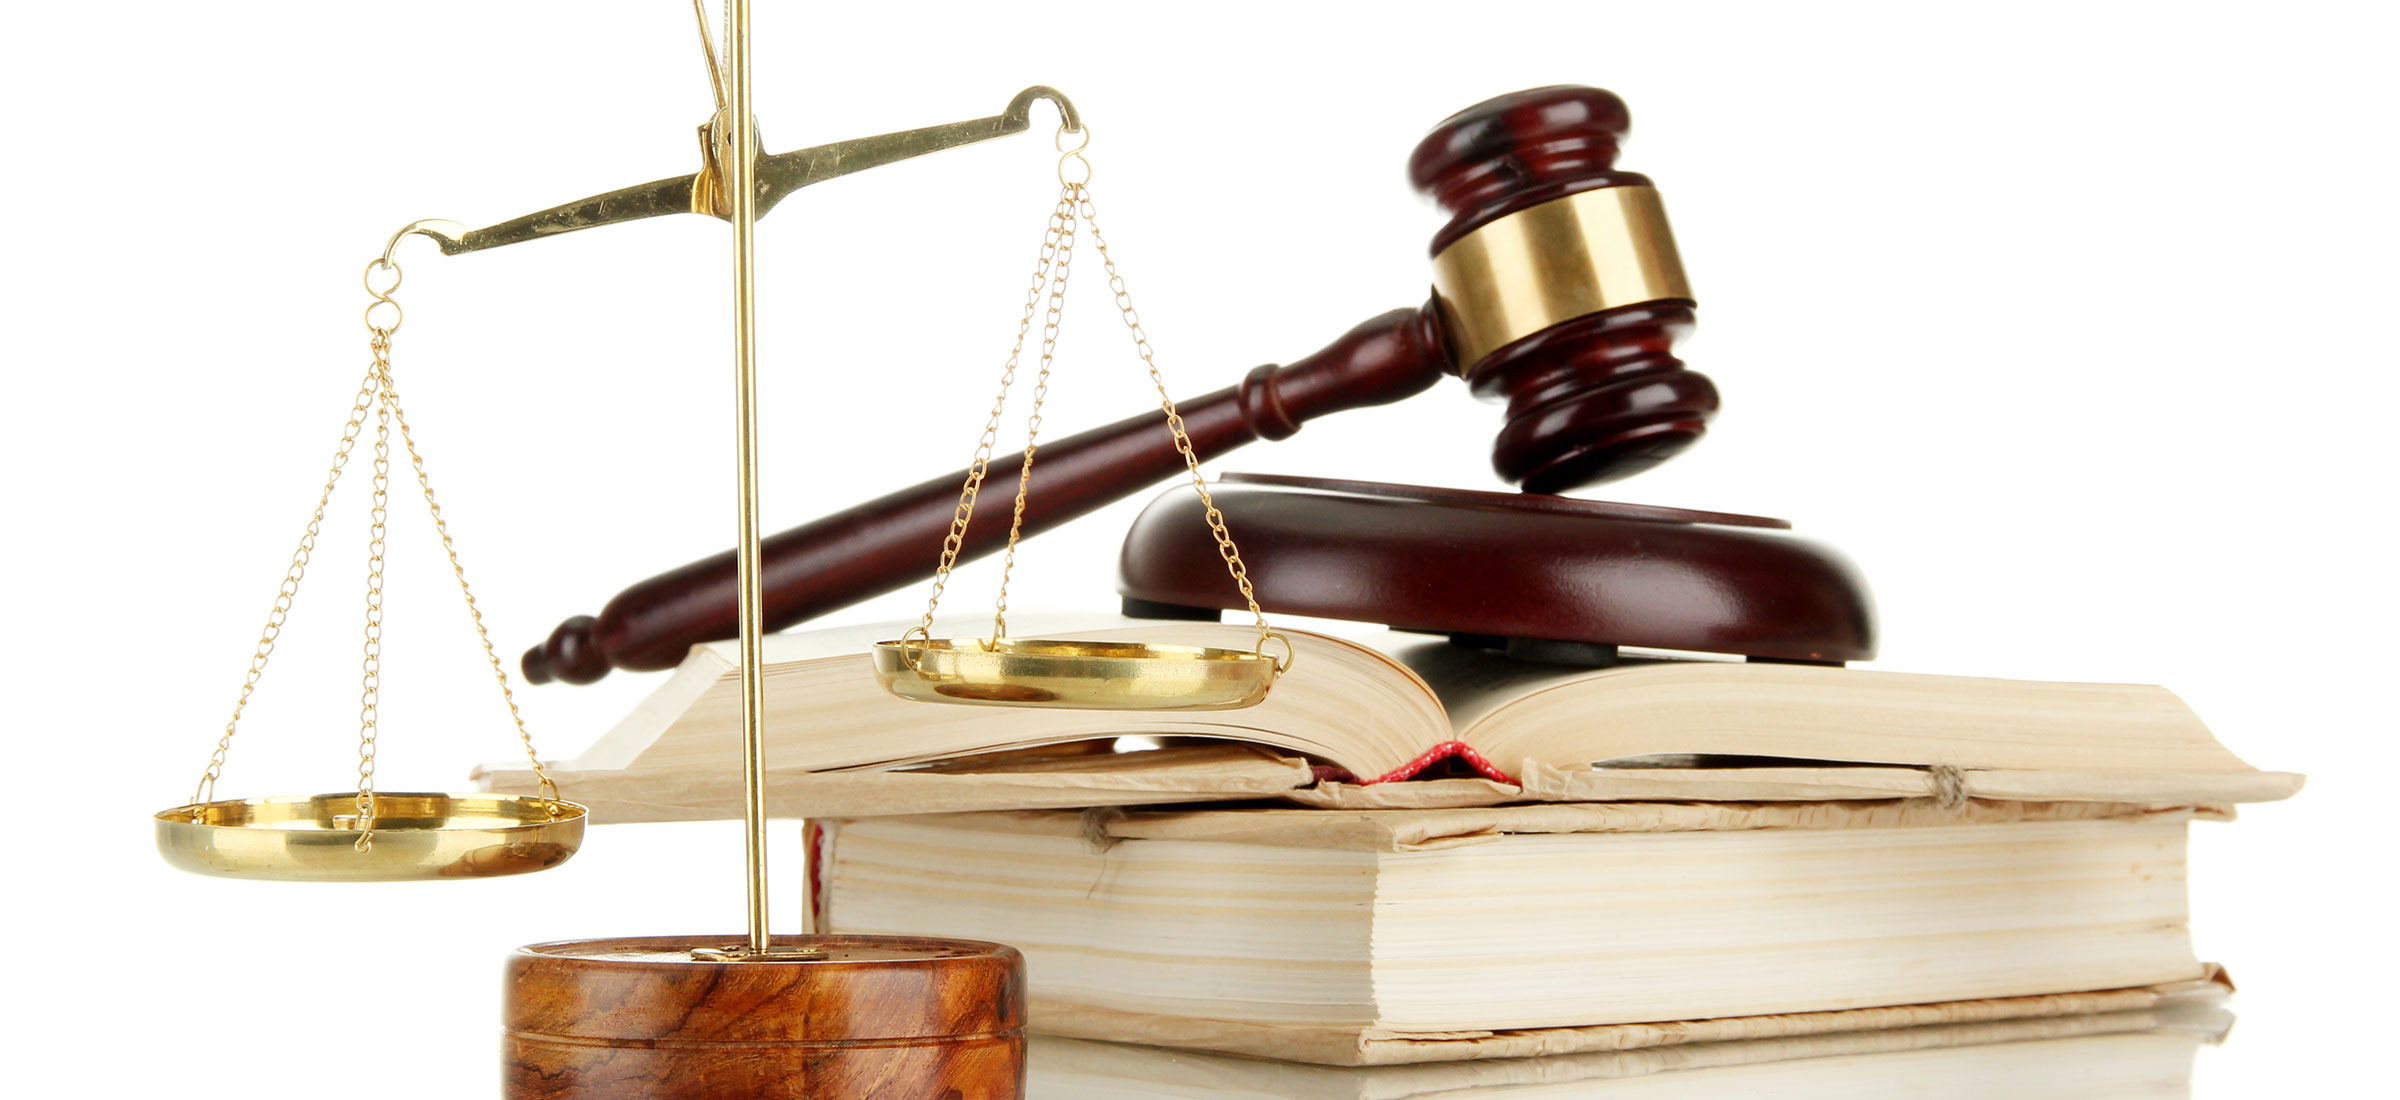 Assistance Juridique Cabinet Rouviere Expert Comptable Aubenas